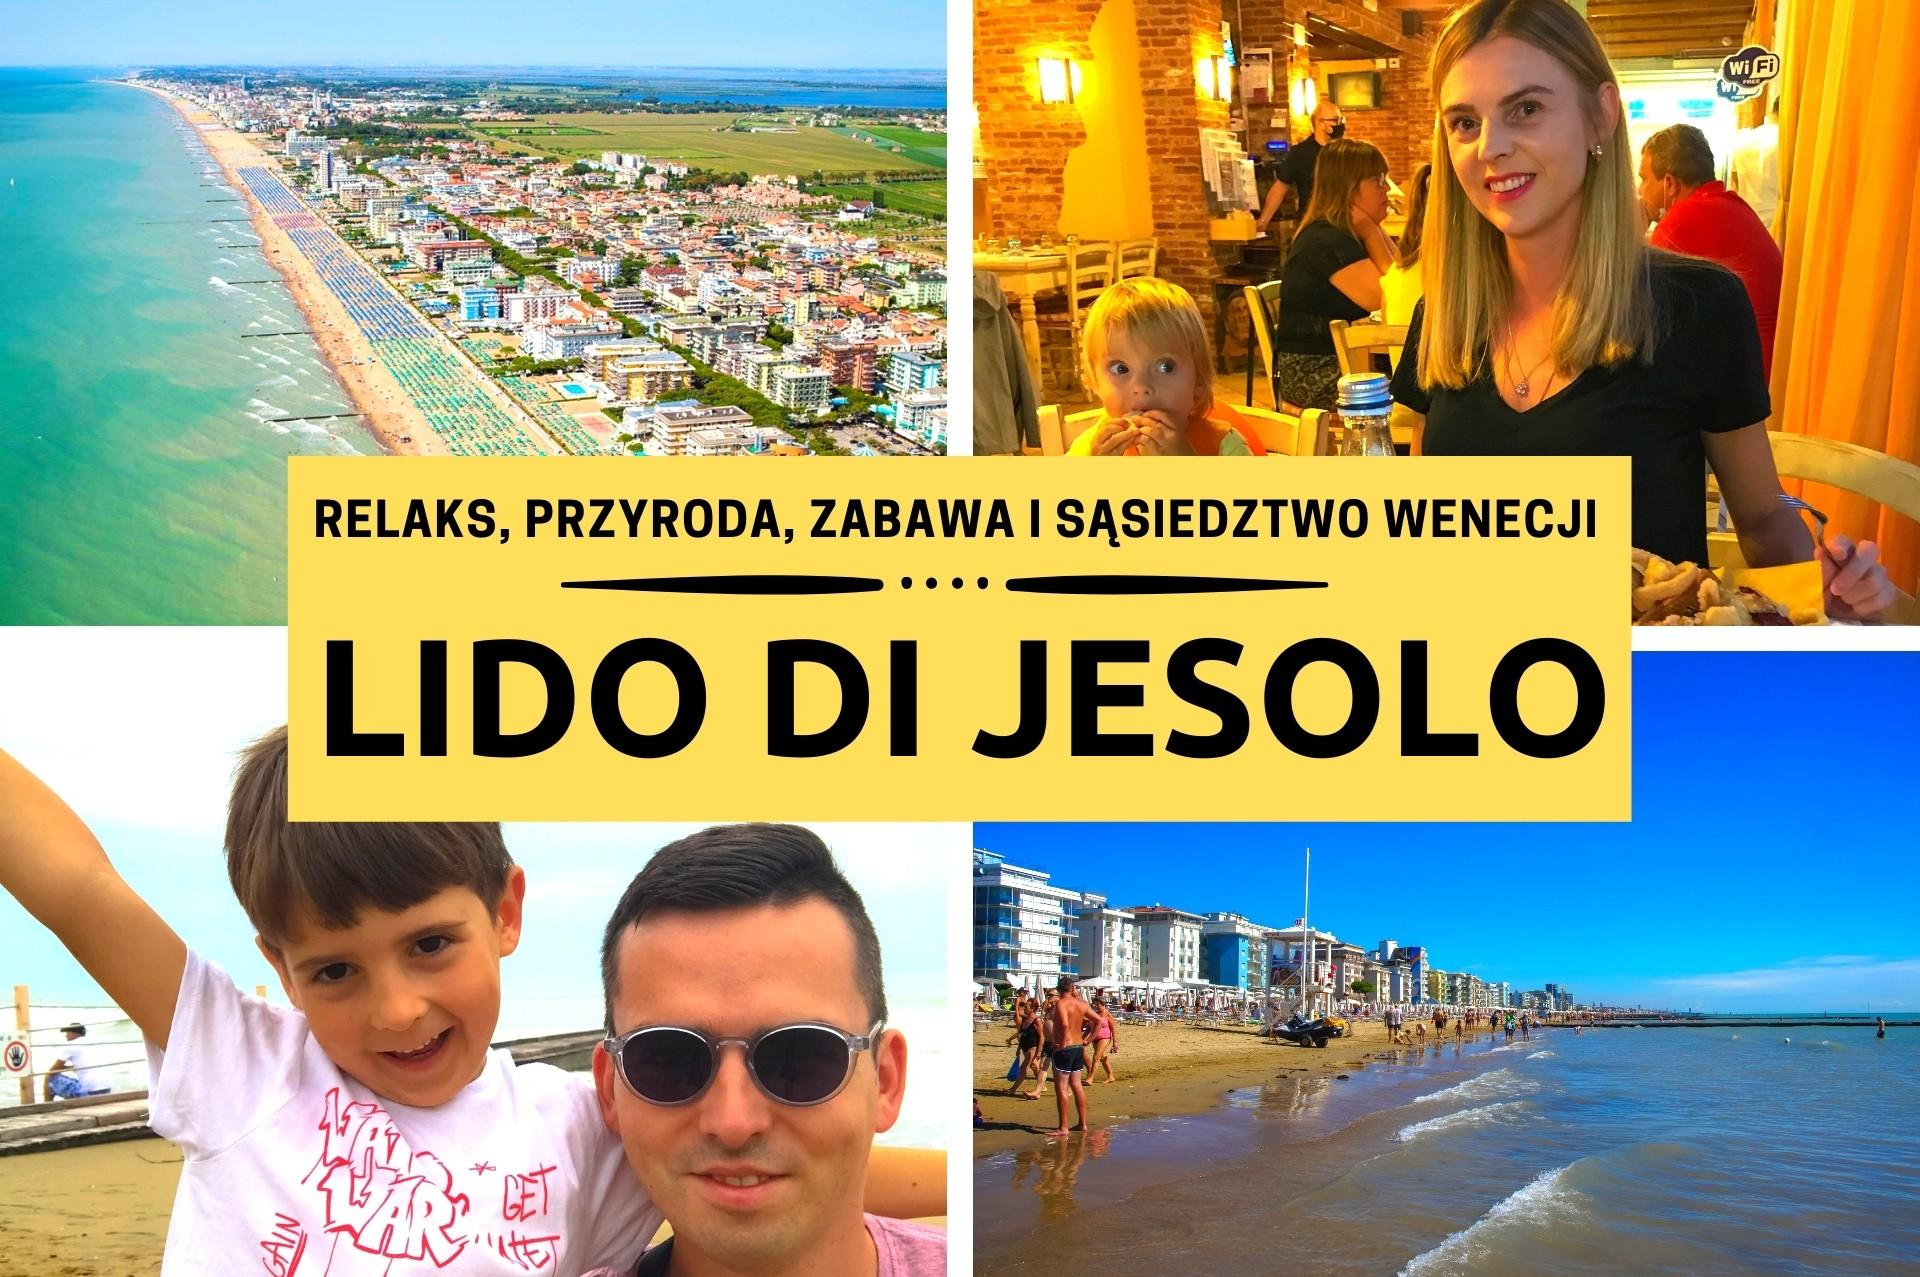 Lido di Jesolo, Włochy